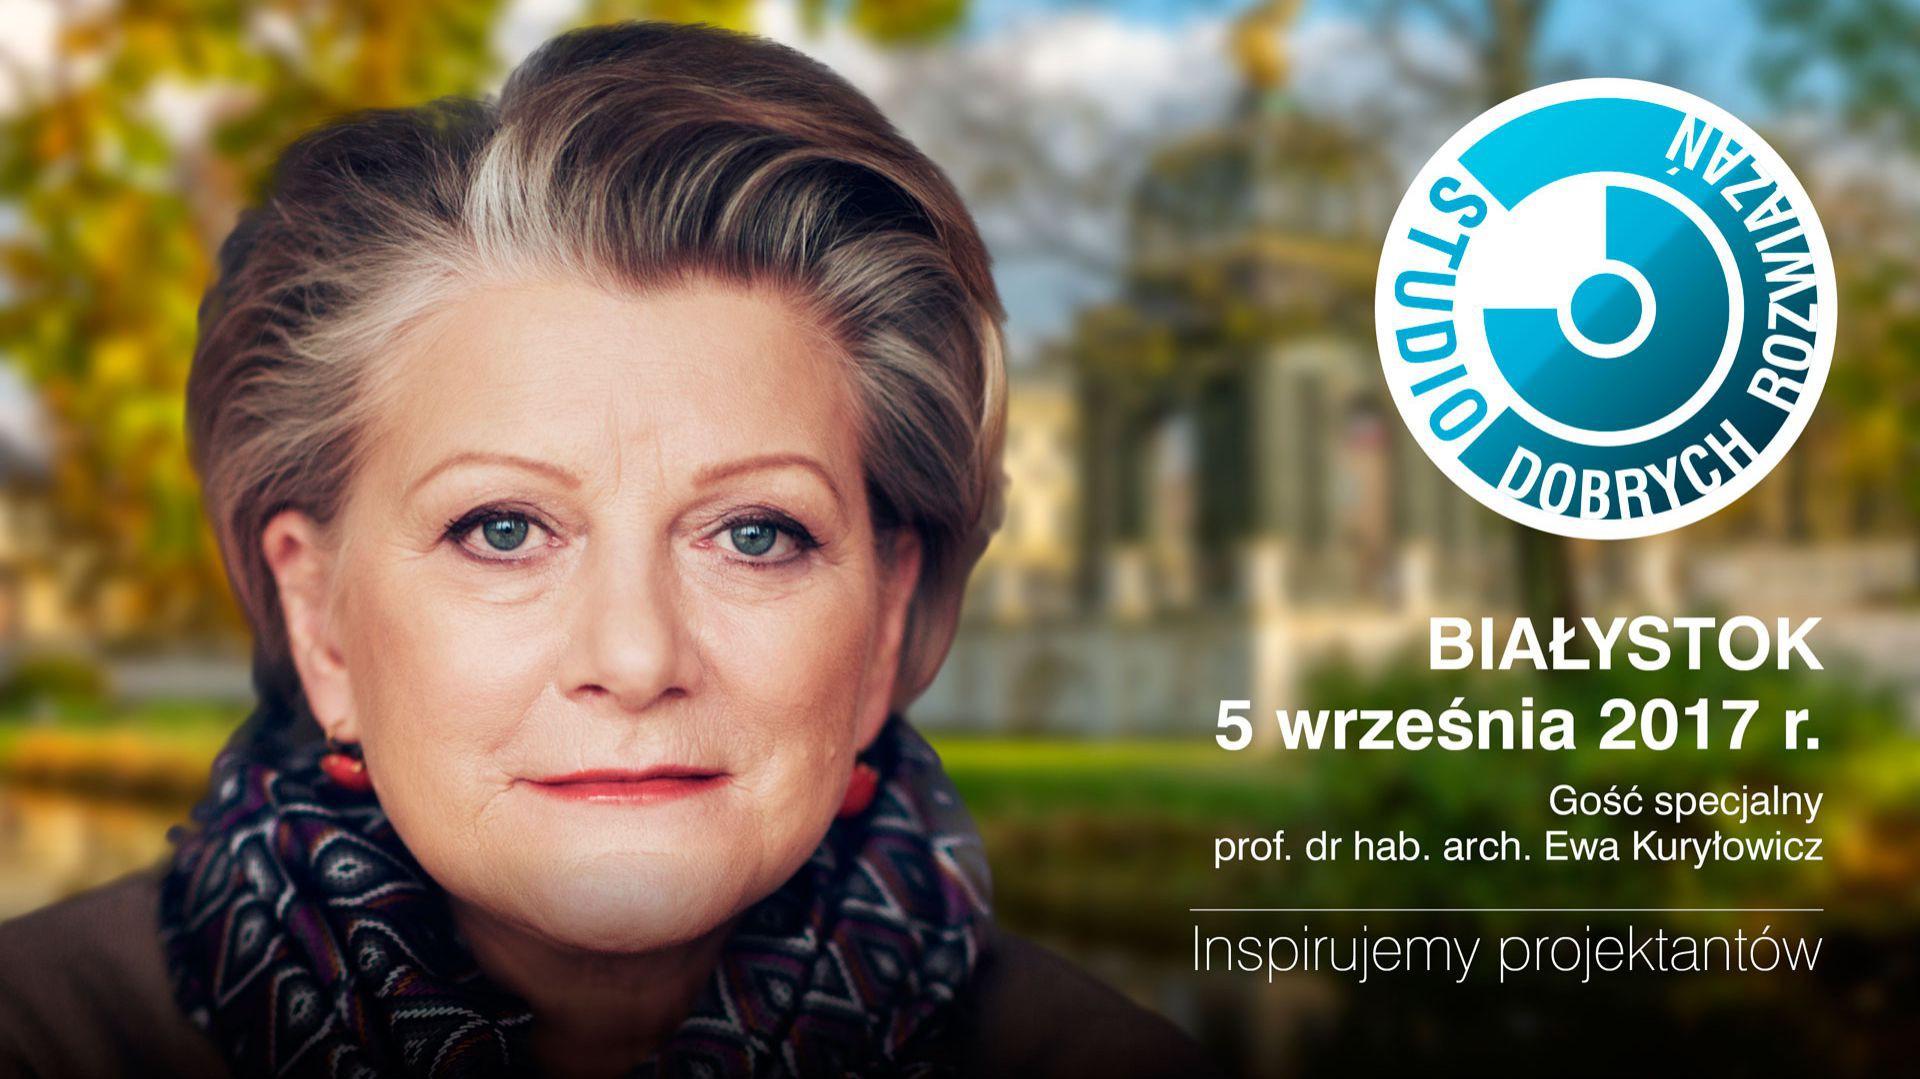 Ewa Kuryłowicz weźmie udział w SDR w Białymstoku